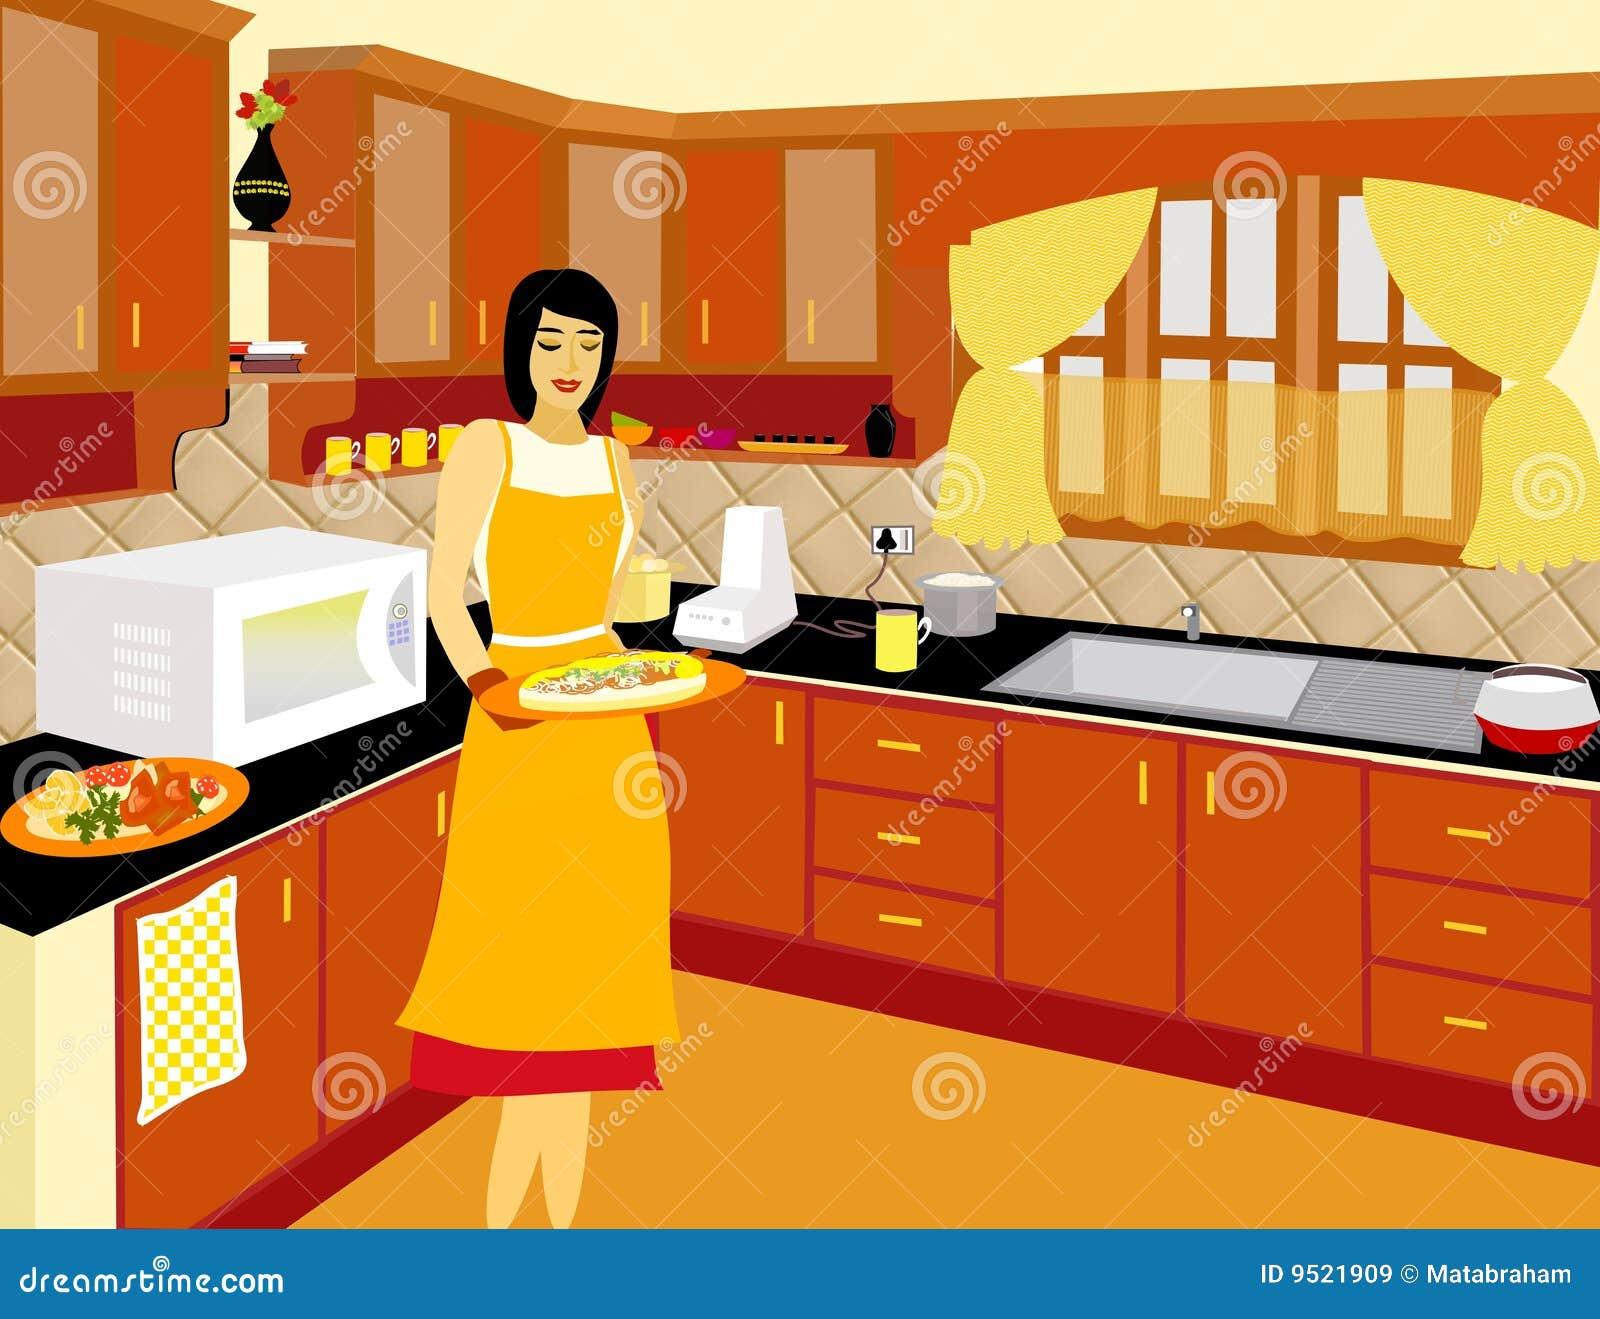 Szef kuchni ostateczny kulinarny domowy